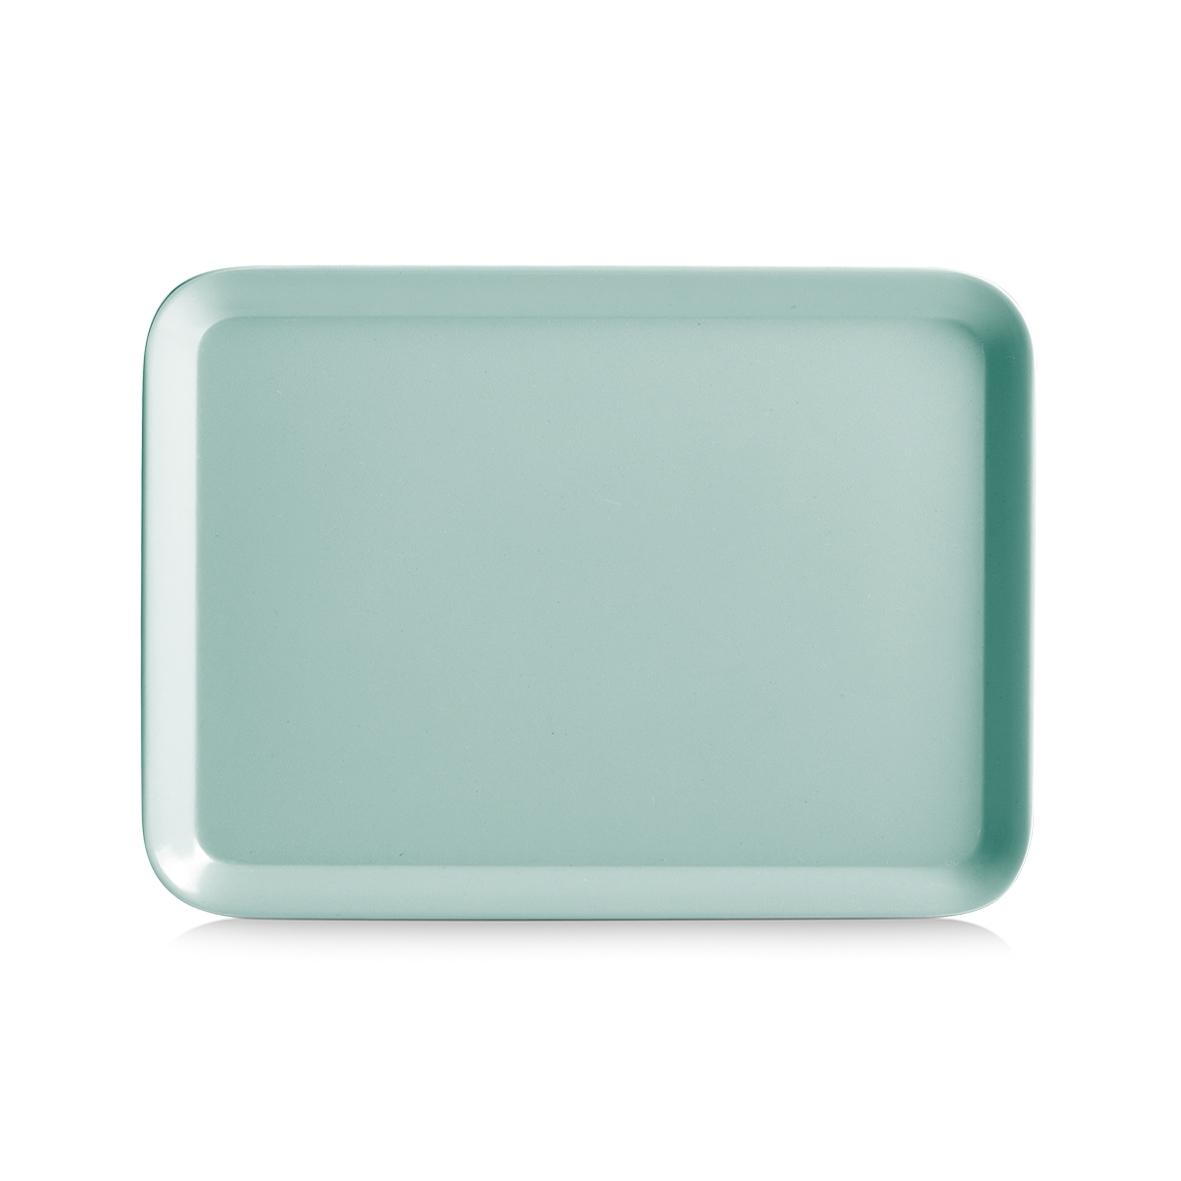 Tava pentru servire Aqua II, Melamina, l24xA18 cm poza